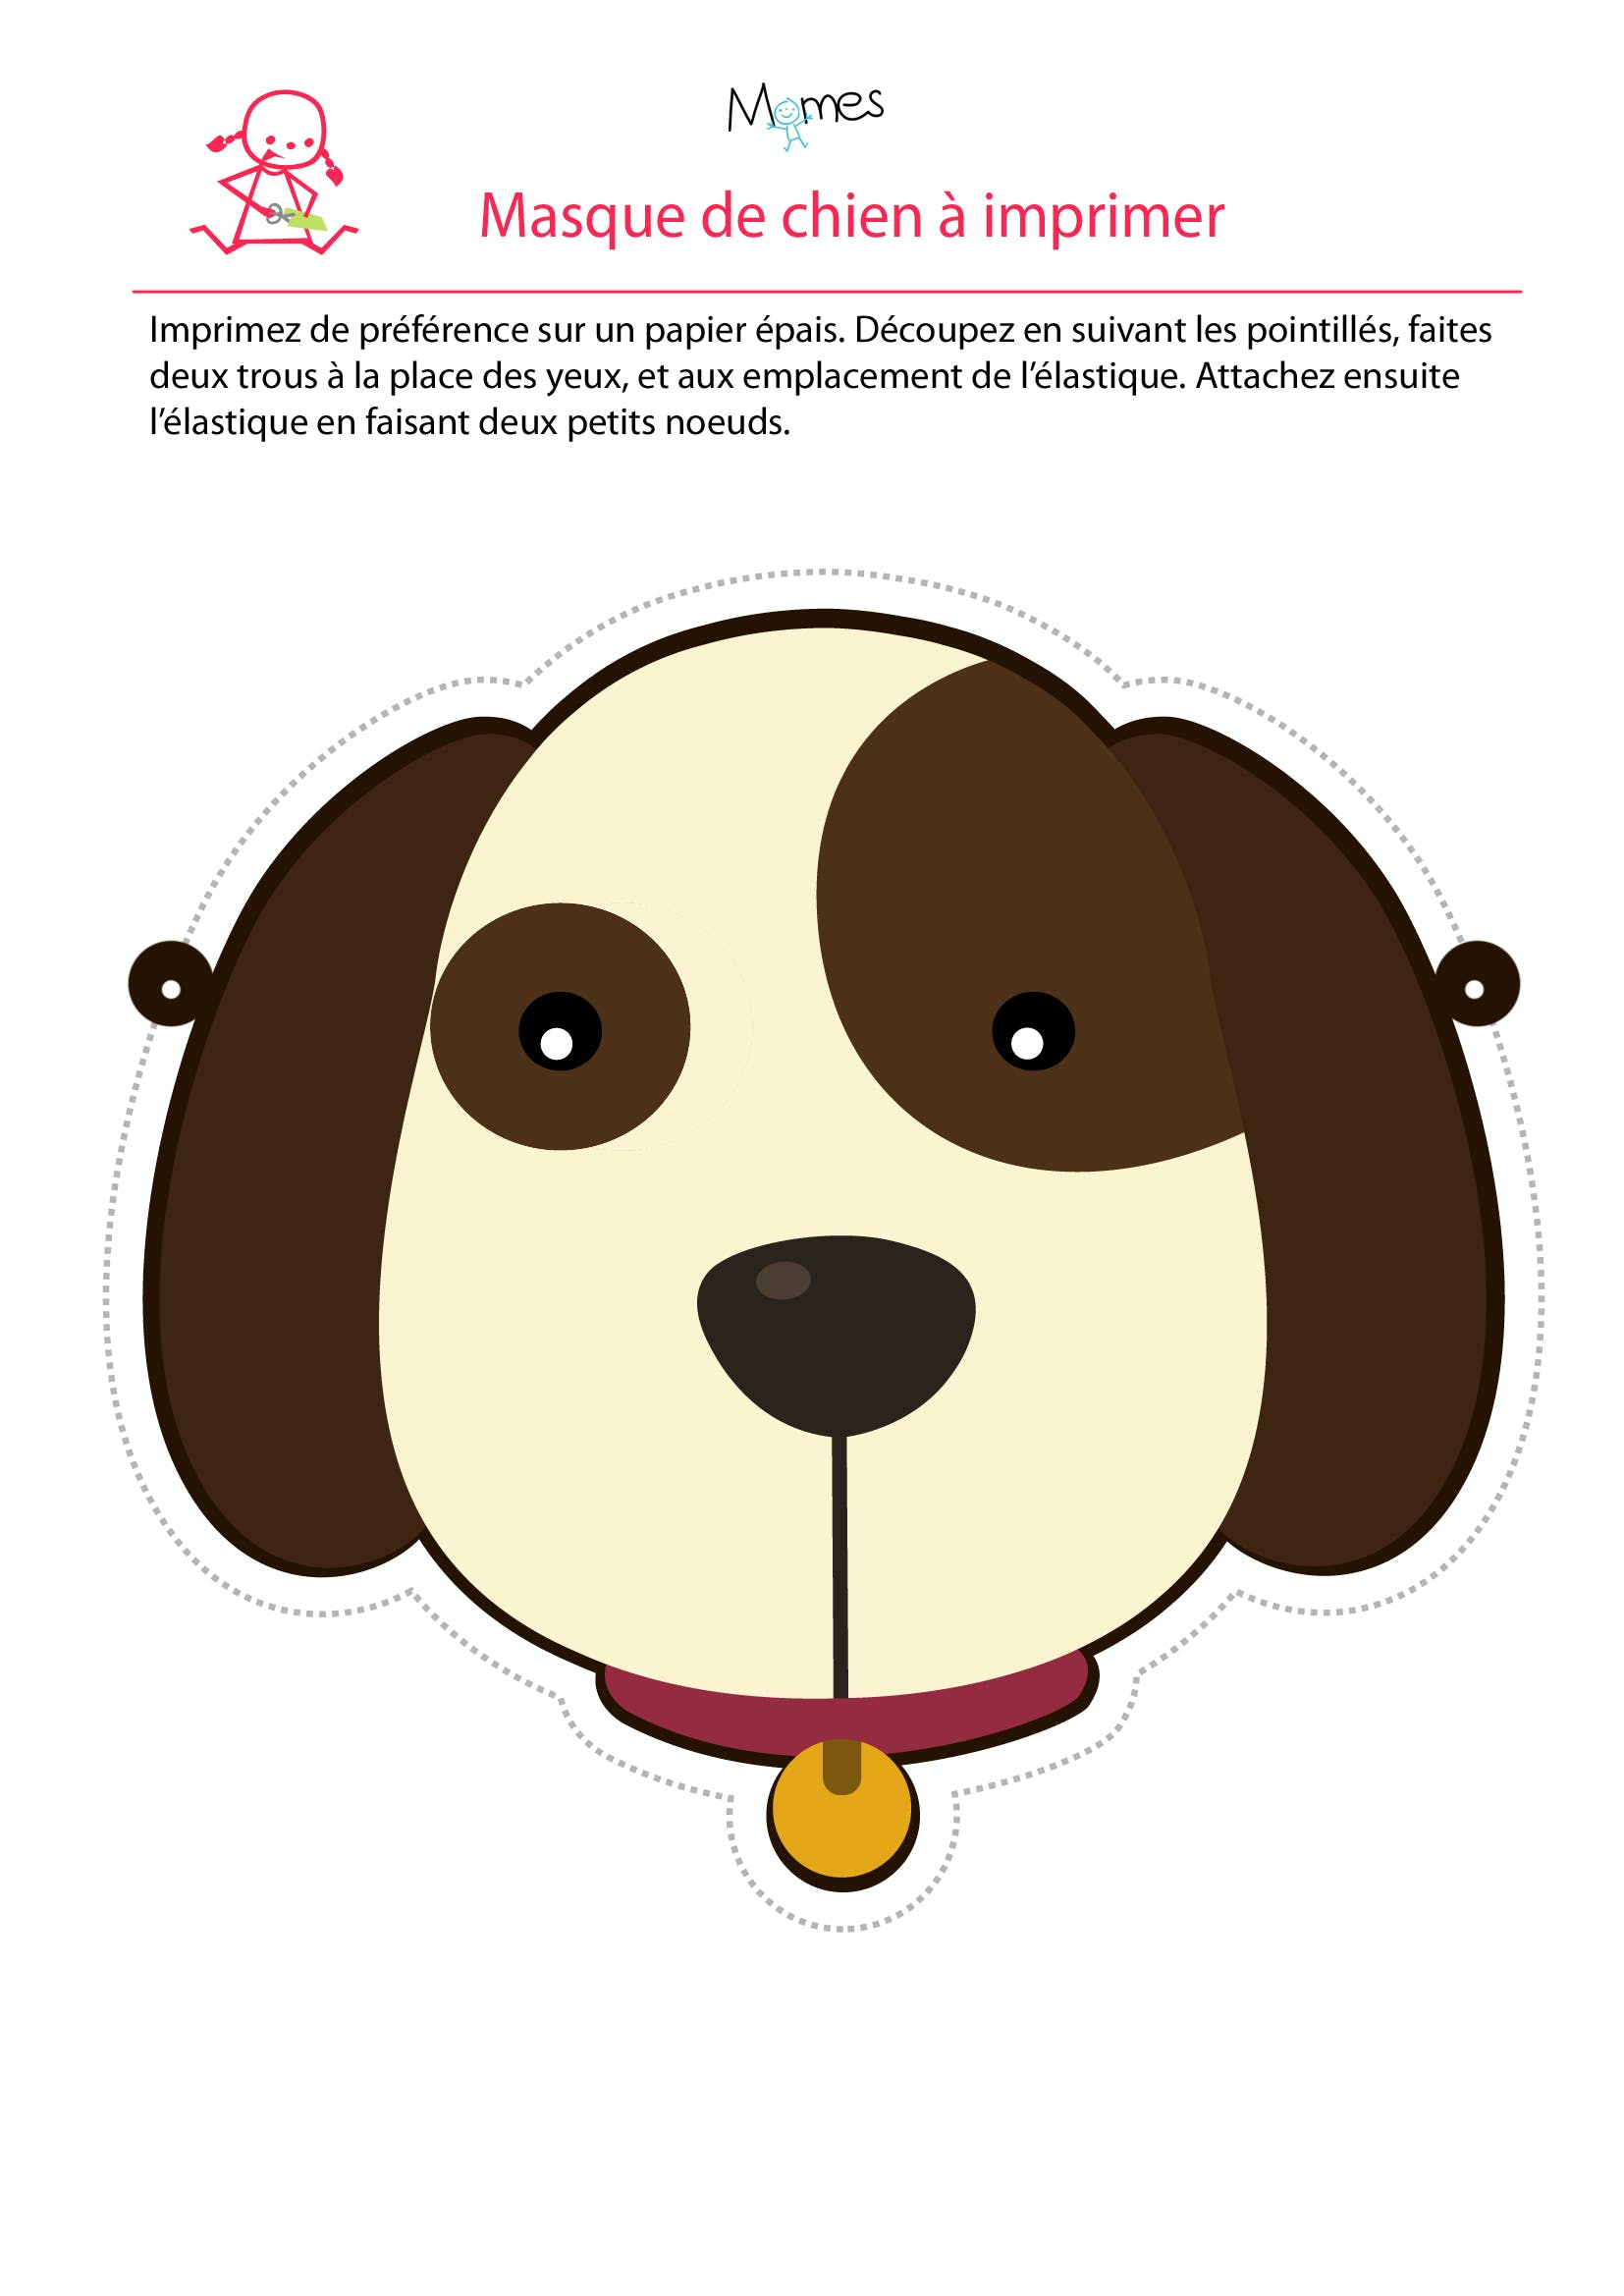 Masque de chien - Image de chien a imprimer ...